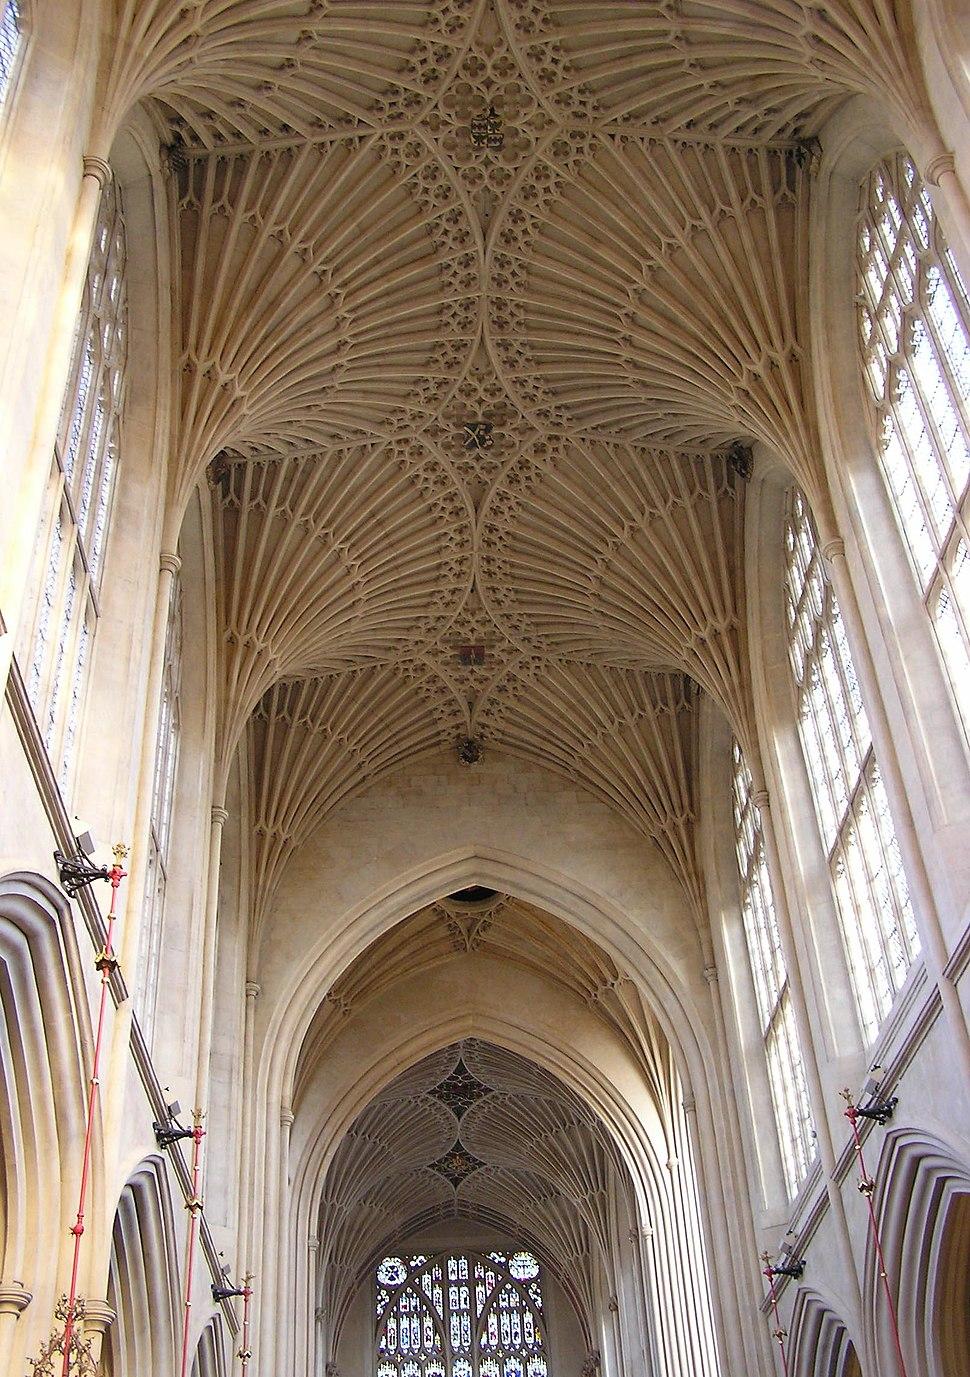 Bath.abbey.fan.vault.arp